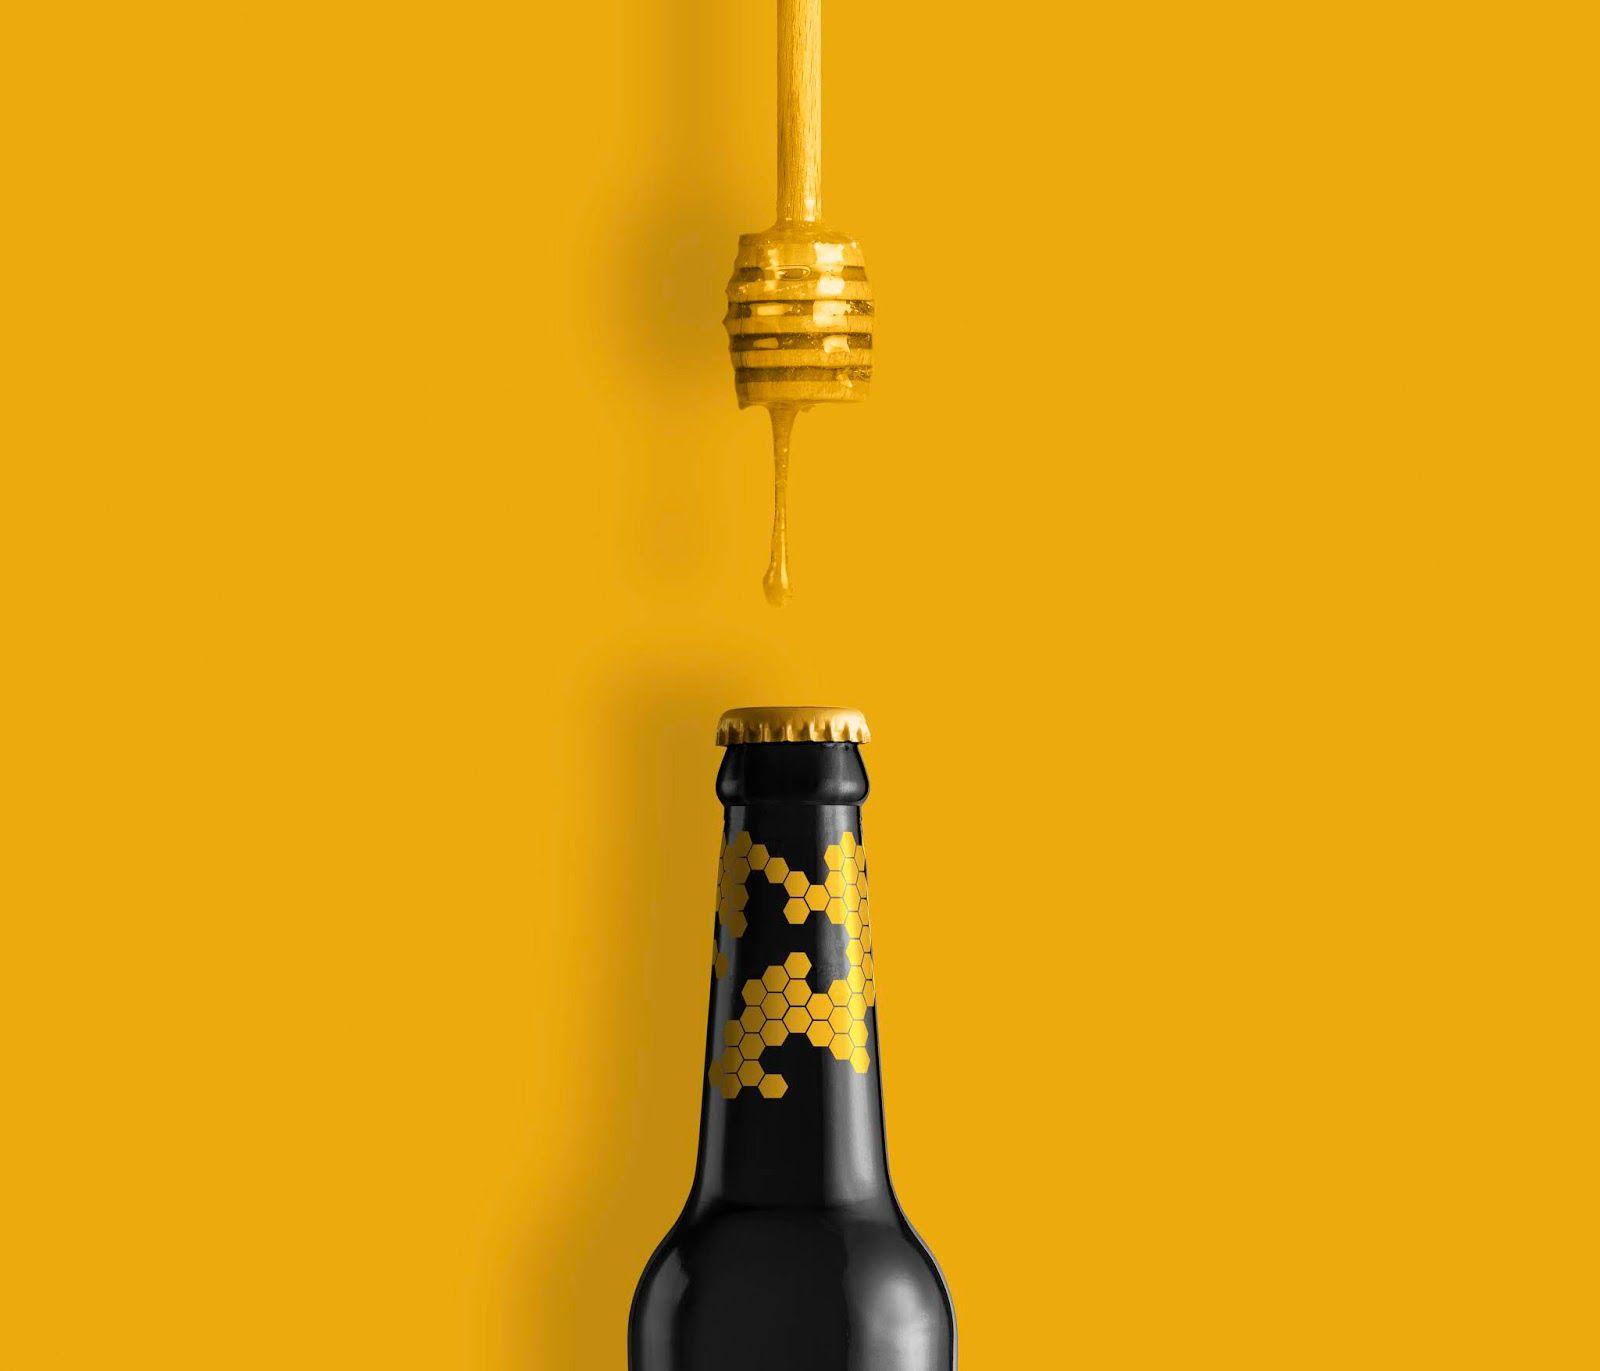 Red Cat Brewery (bière au miel pour le marché européen) I Design : Pavel Reznik, Ukraine (juillet 2020)